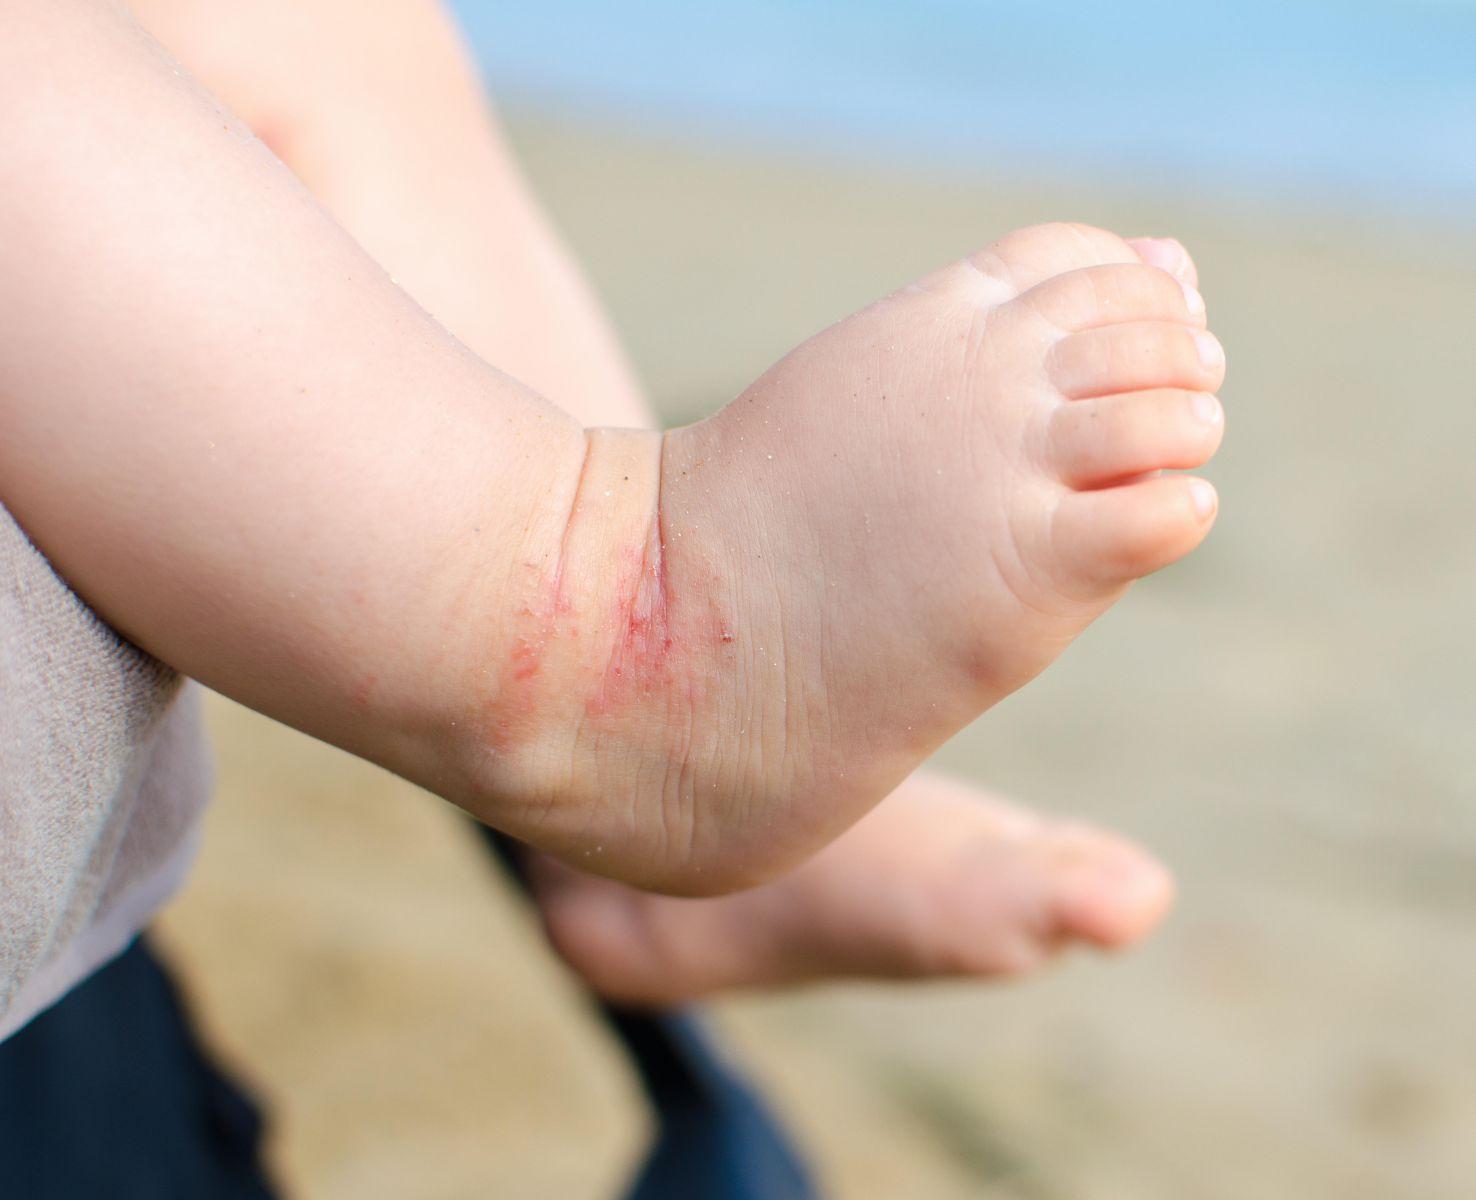 Çocuklarda Egzama Ve Doğal Tedavi Yolları